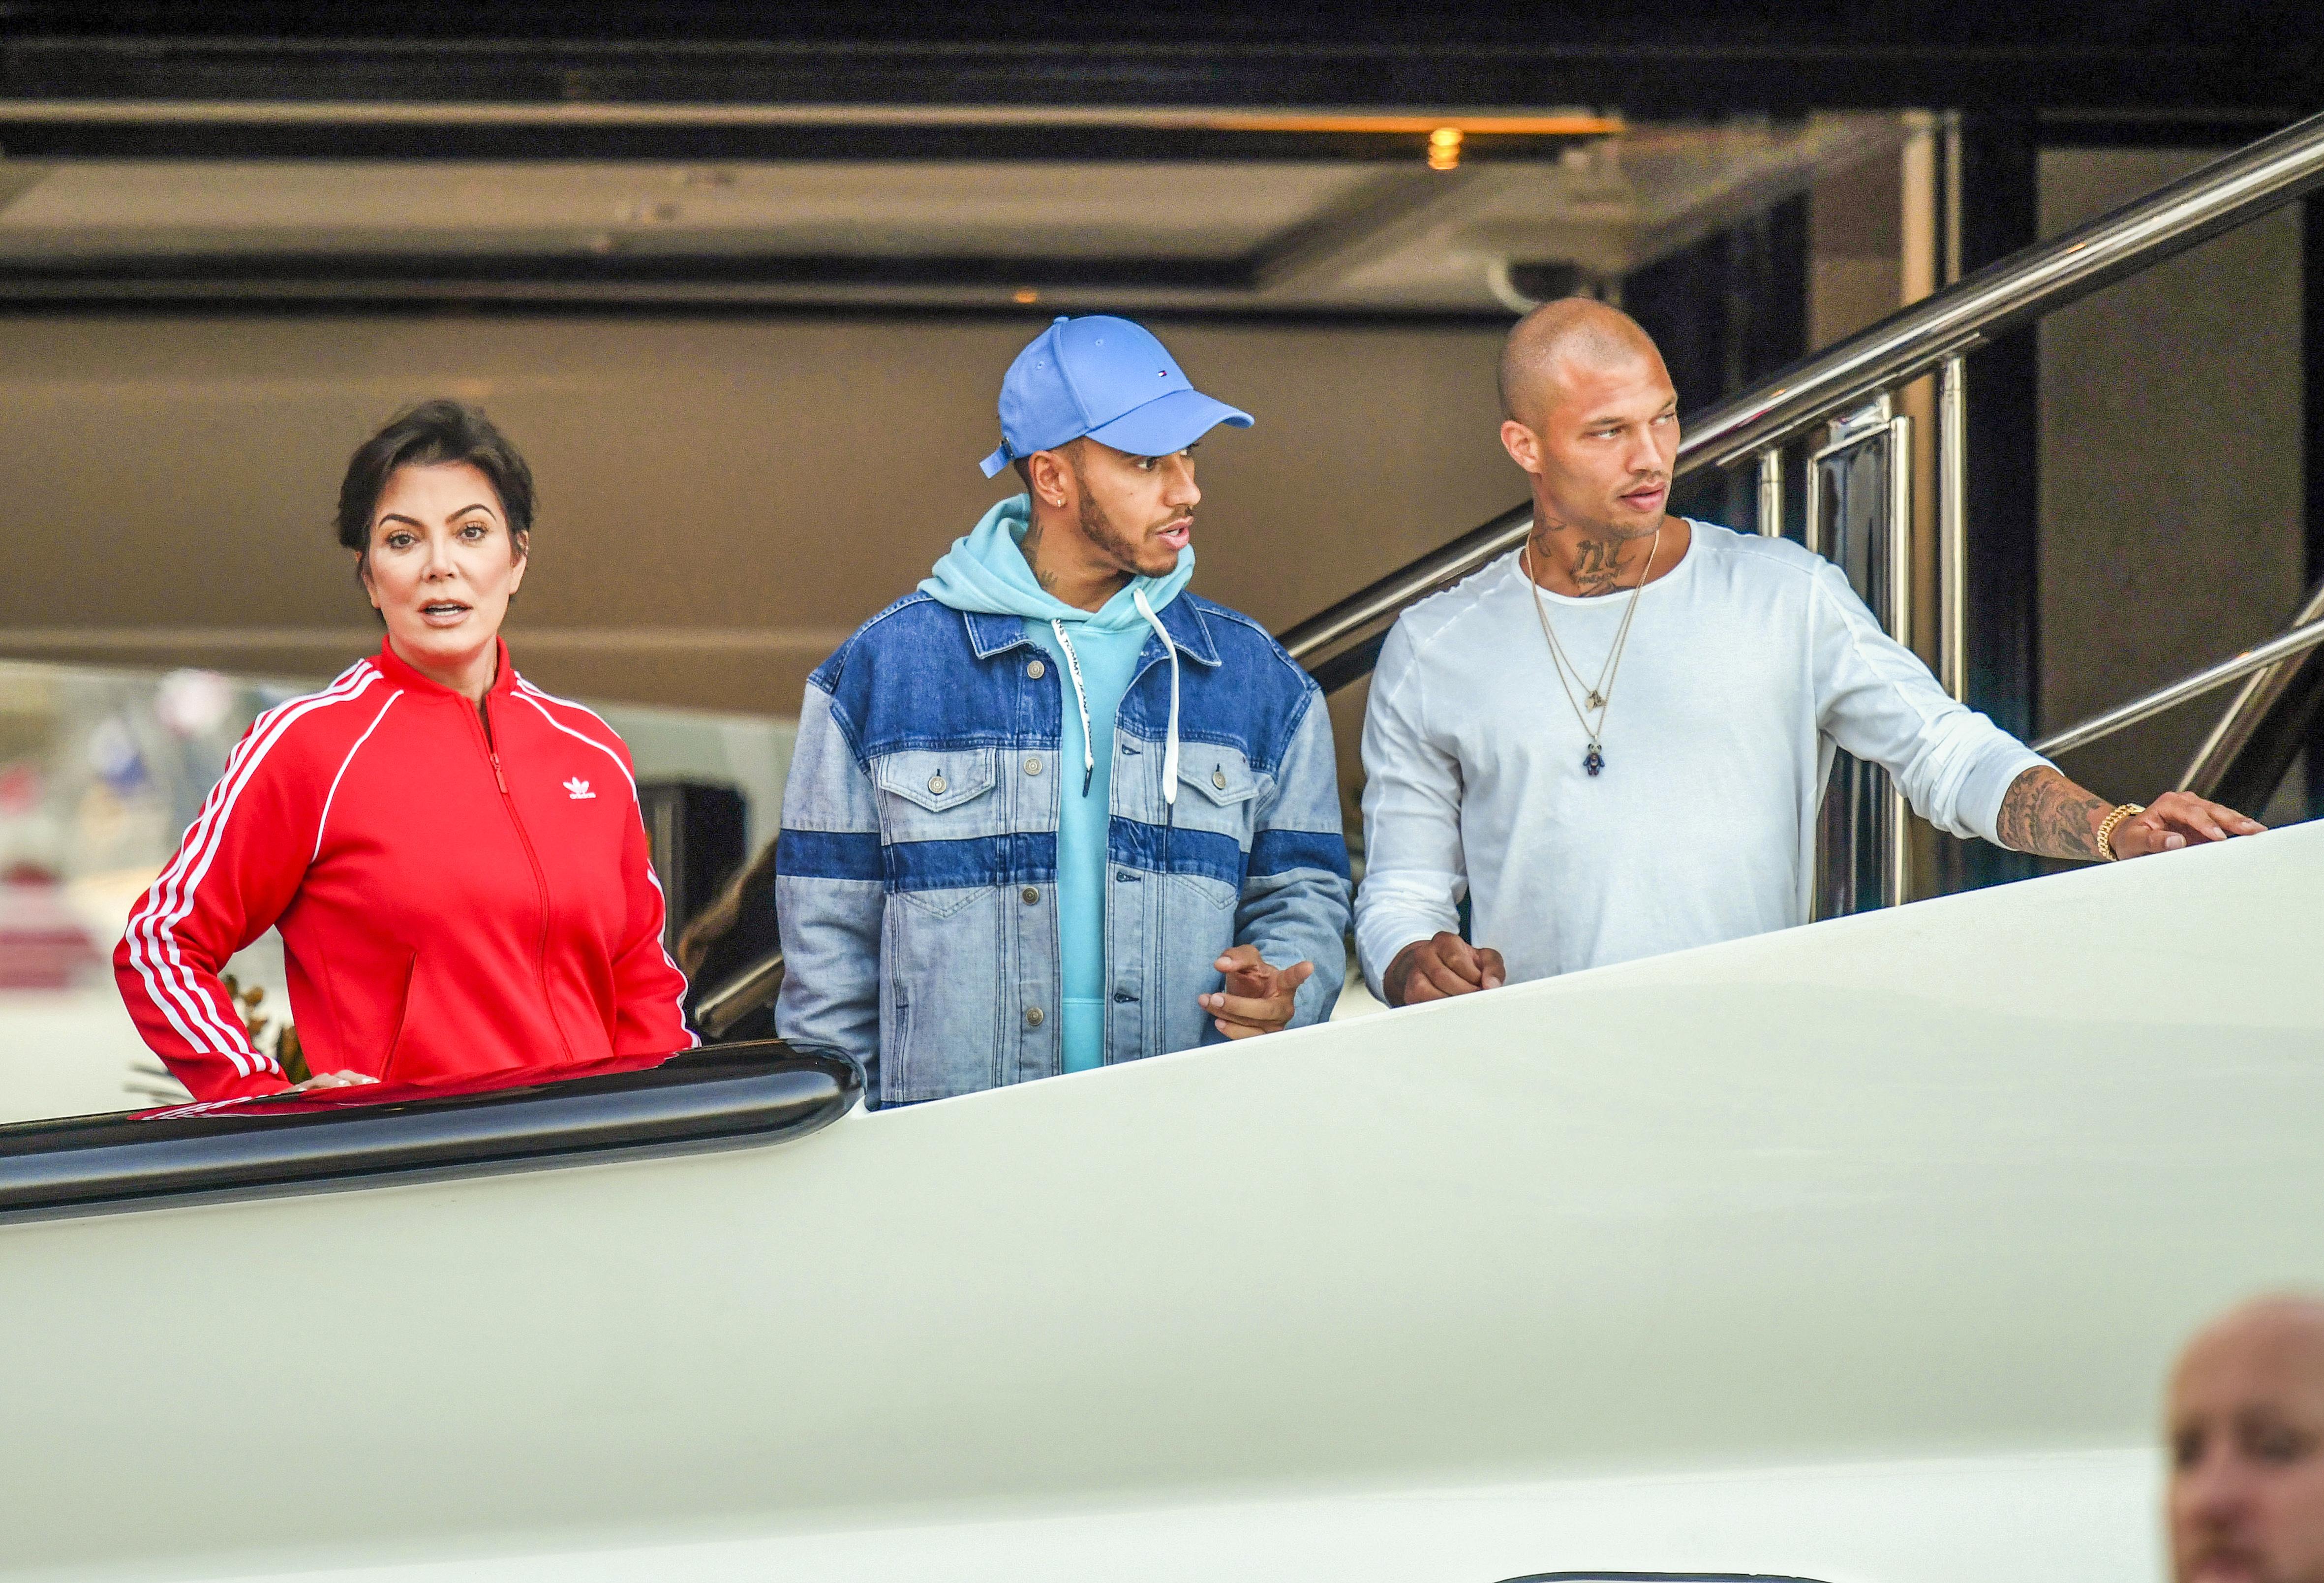 Kris Jenner Jeremy Meeks